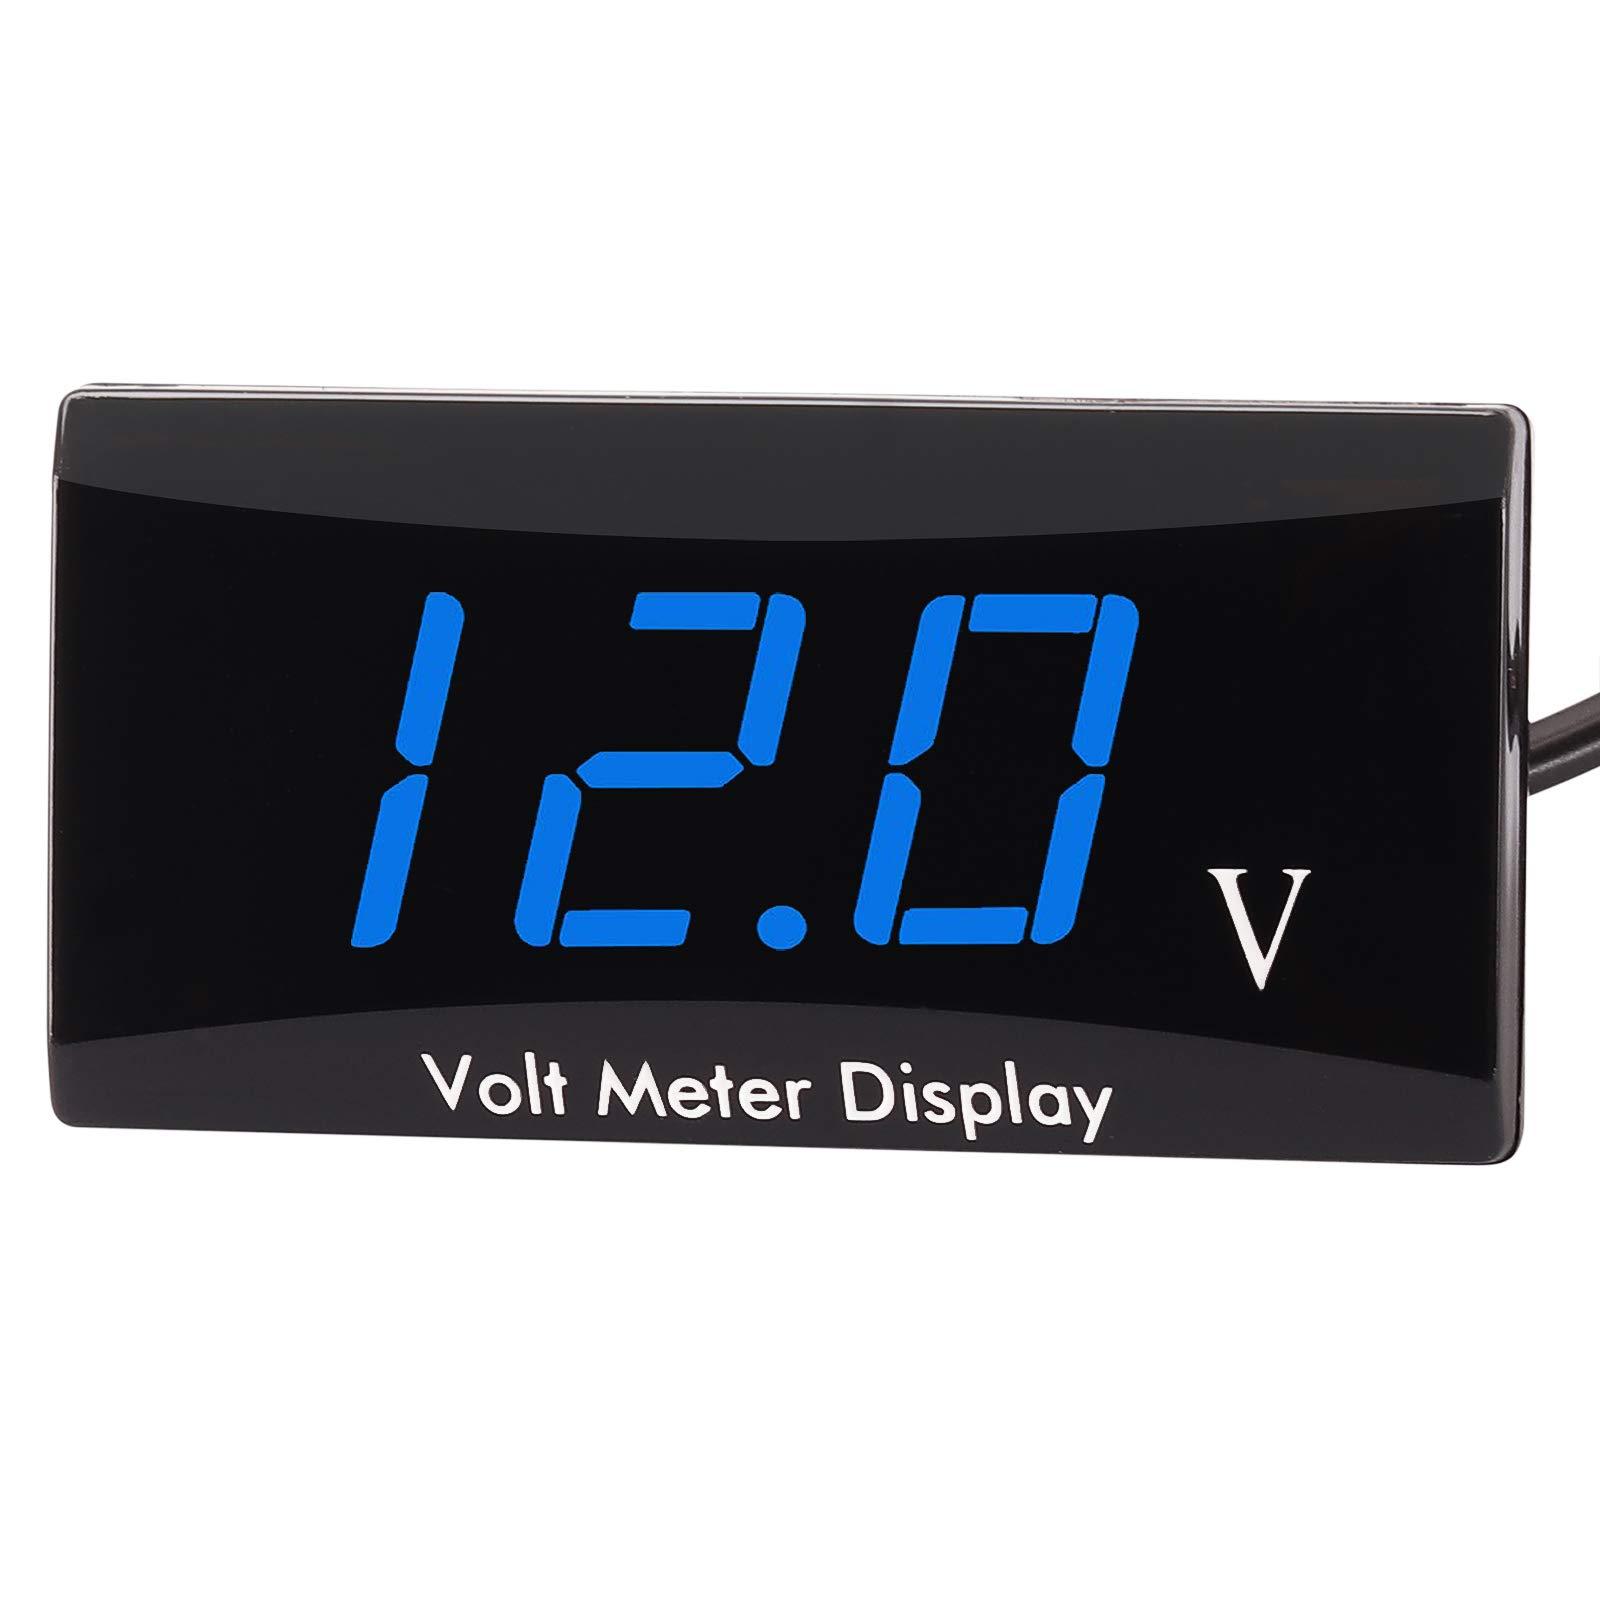 Kinstecks [Upgraded Version] Motorcycle Voltmeter DC 12V Digital Voltmeter Gauge LED Display Voltage Meter for Motorcycle Car Battery Voltage Monitor-Blue